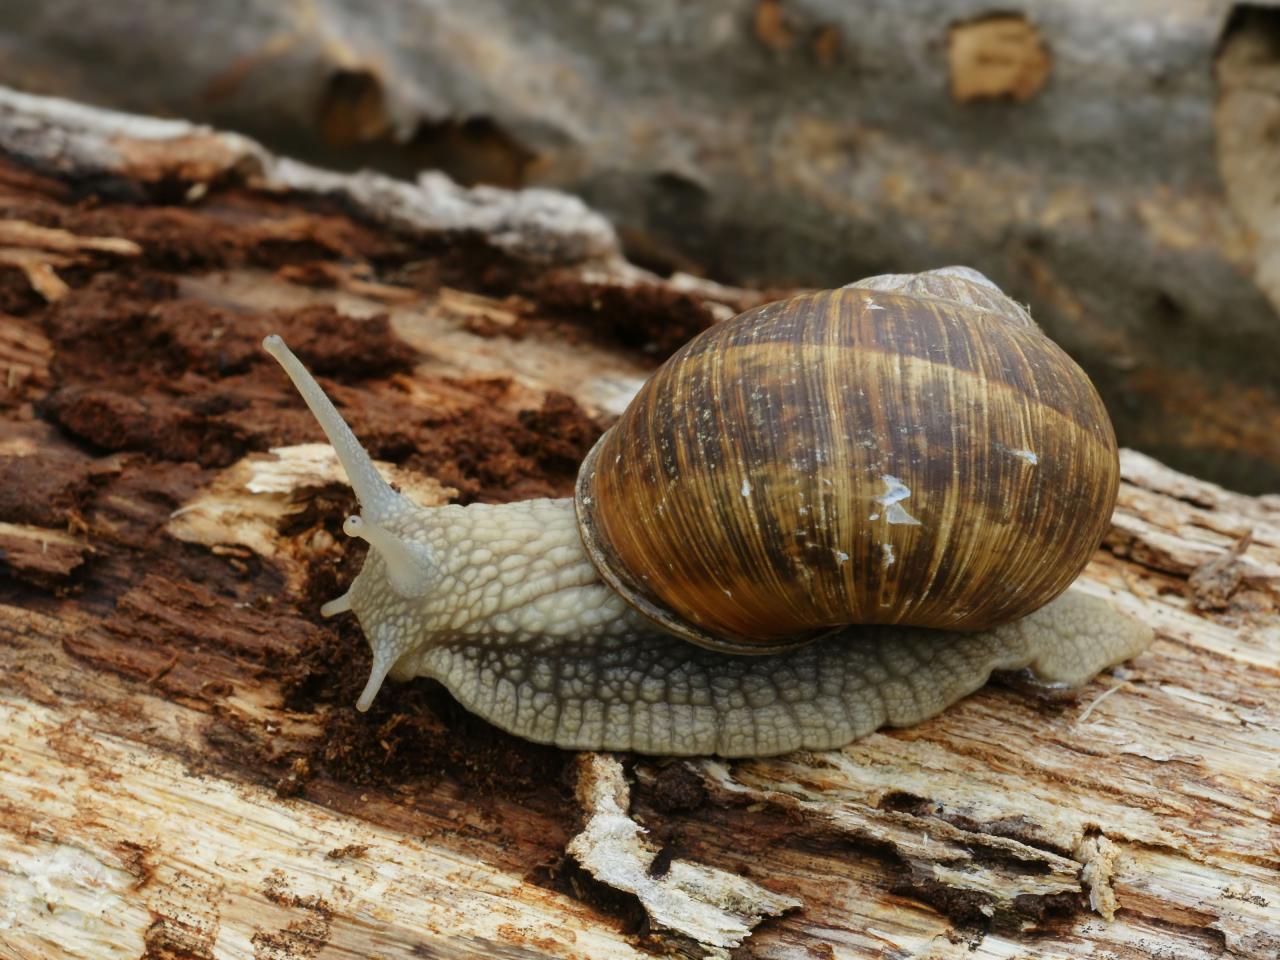 صورة عجائب وغرائب عالم الحيوان , معلومات ستتعرف عليها لاول مرة